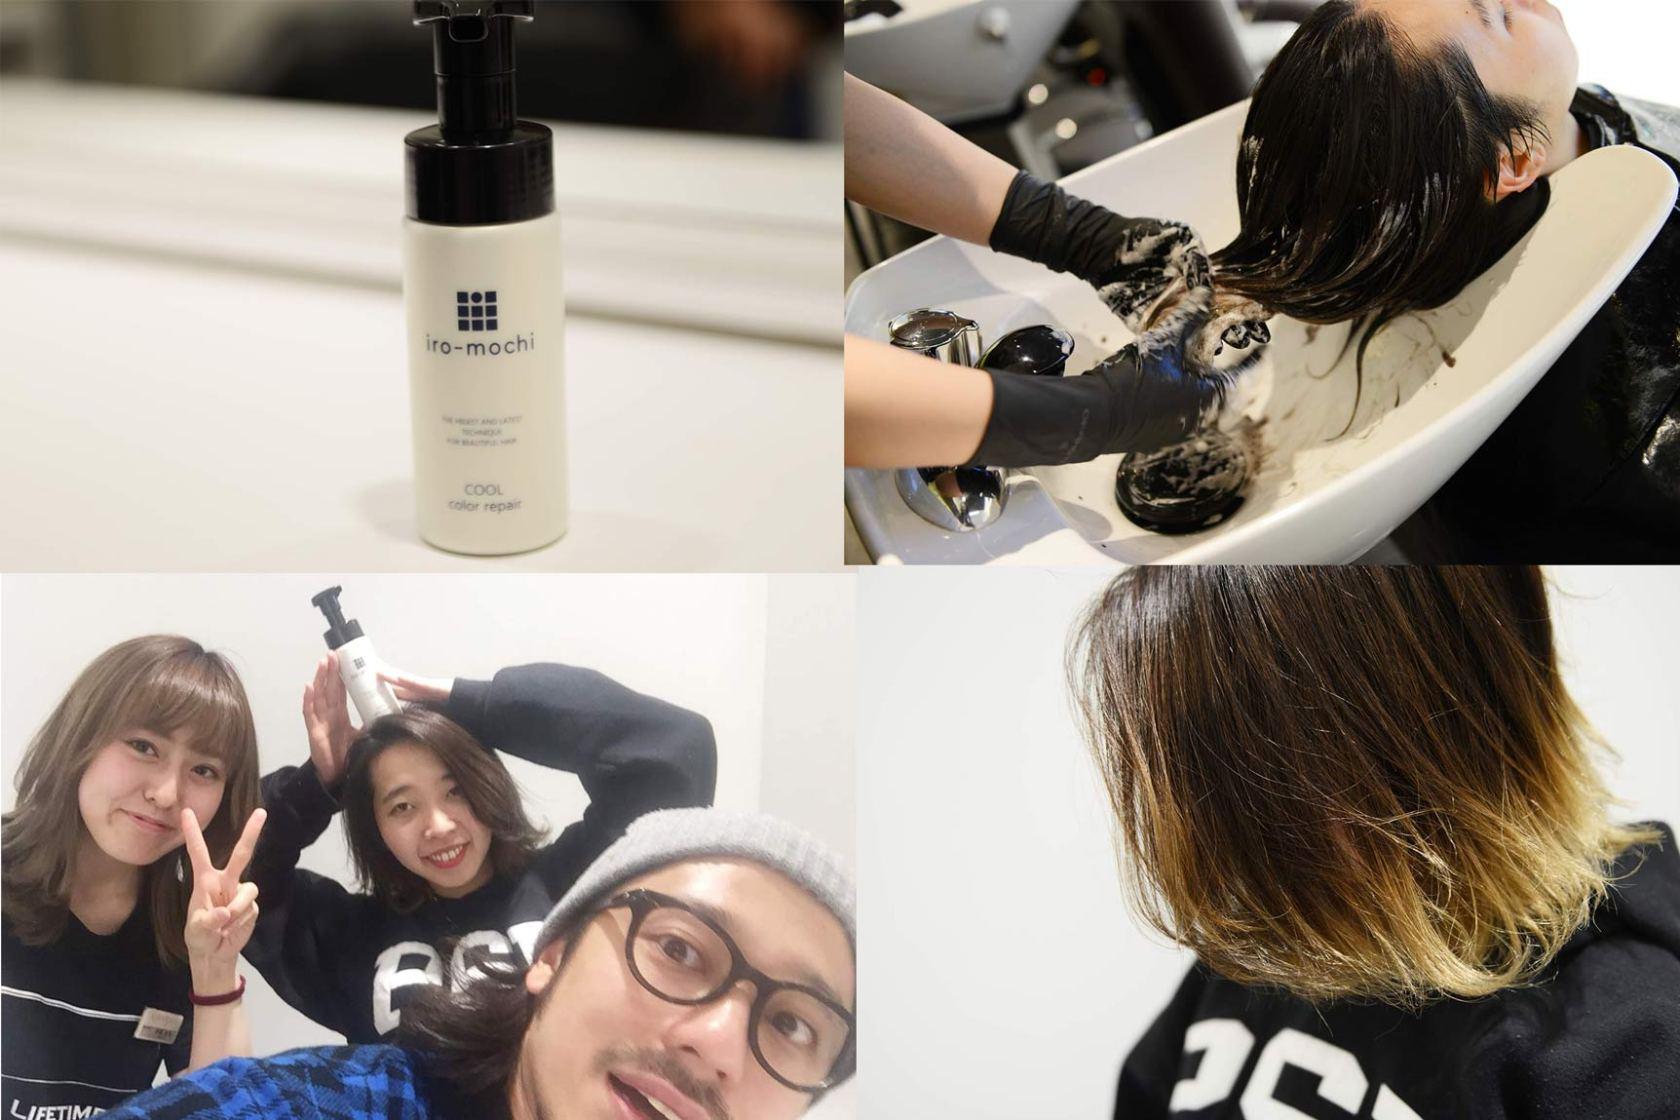 サロンカラーの色持ちを良くする「iro-mochi」(いろもち)を使った『air色持ちカラー』  退色を防いで綺麗な髪色キープ